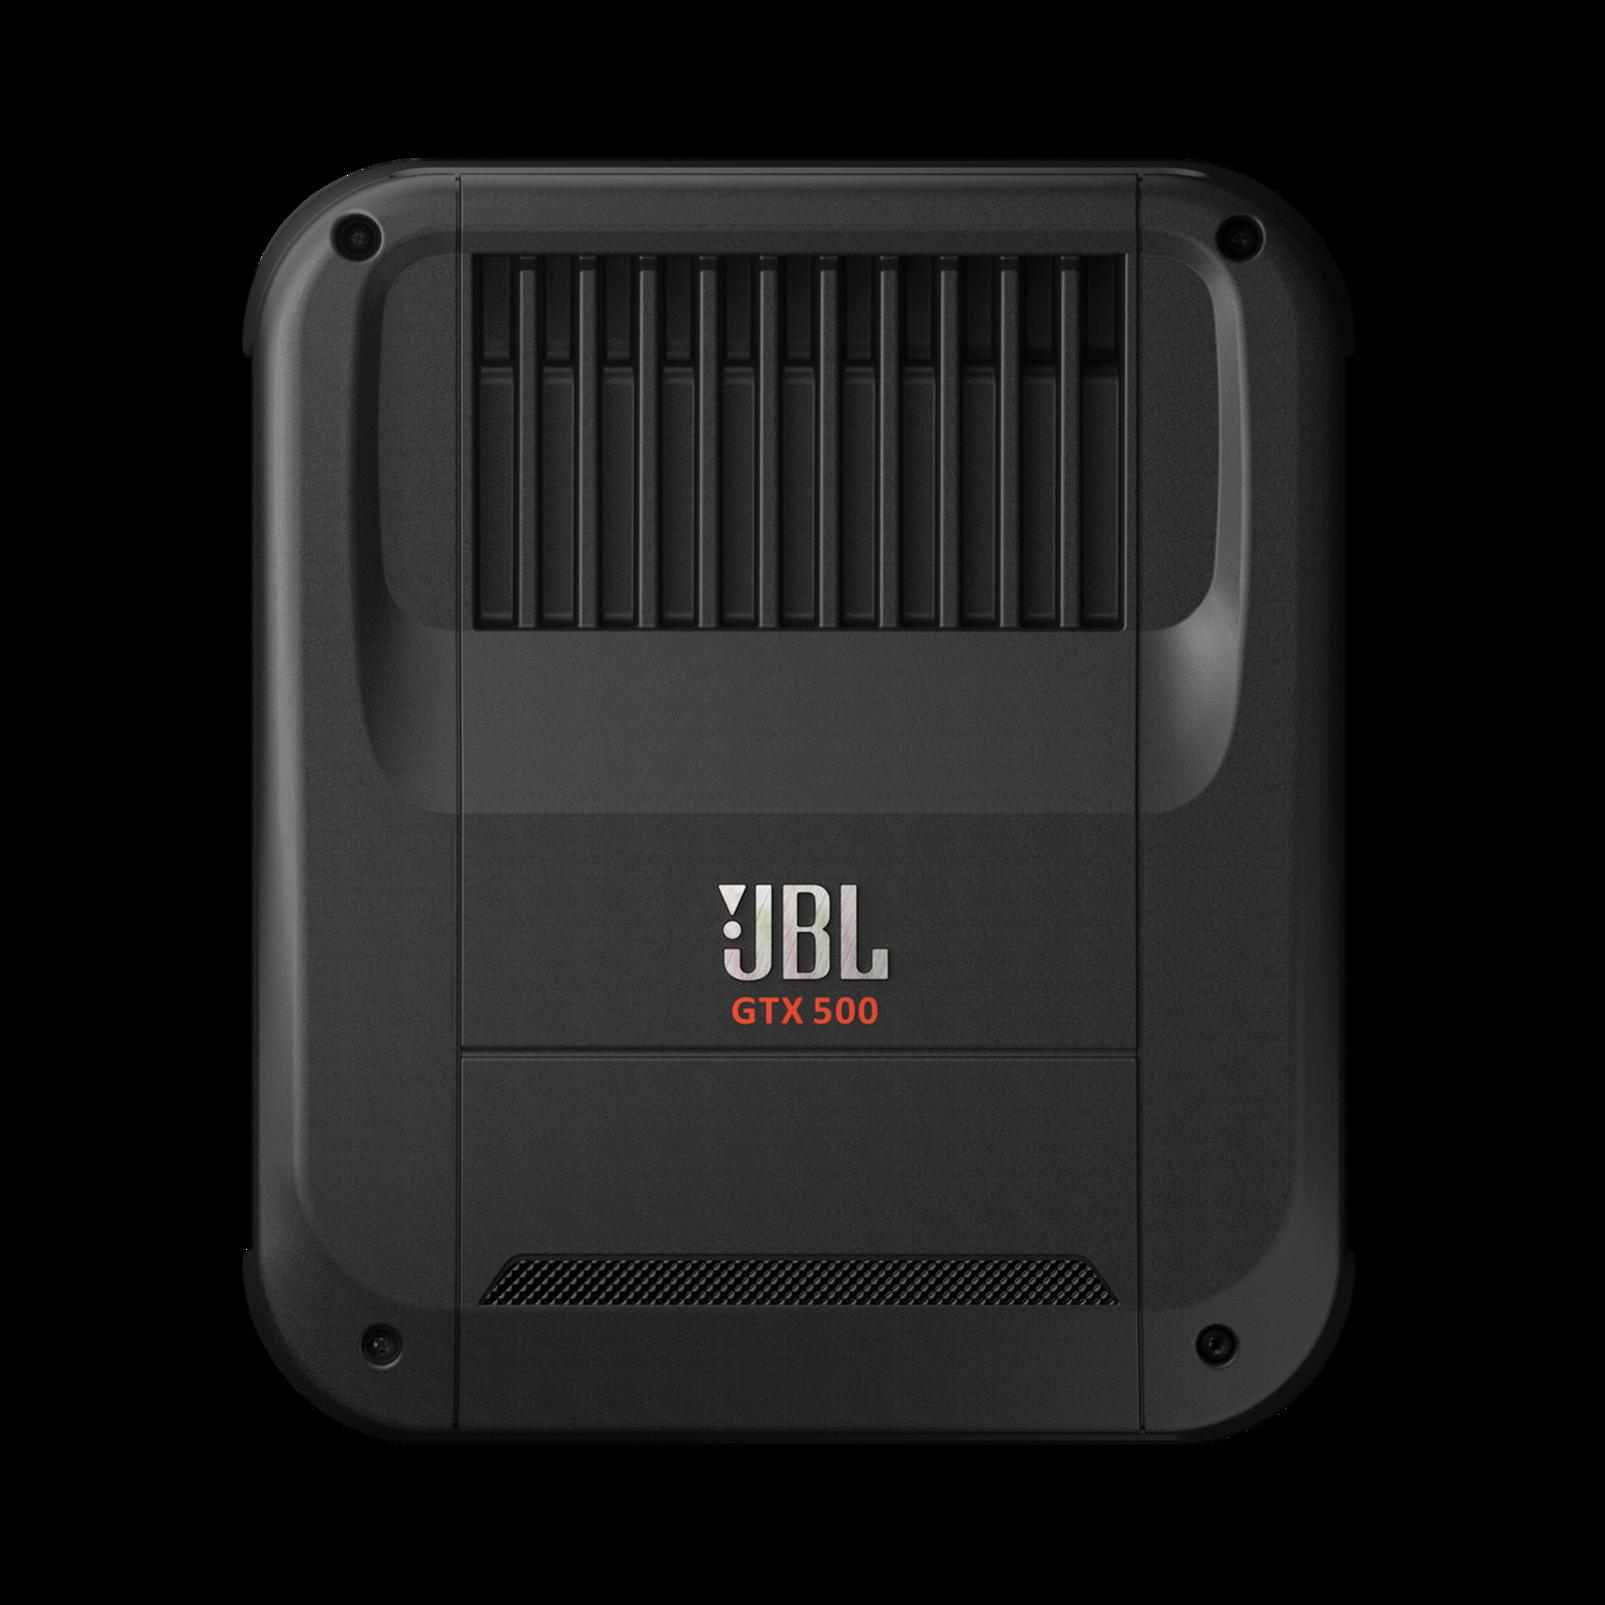 GTX 500 | 750 watt, Mono Subwoofer Amplifier